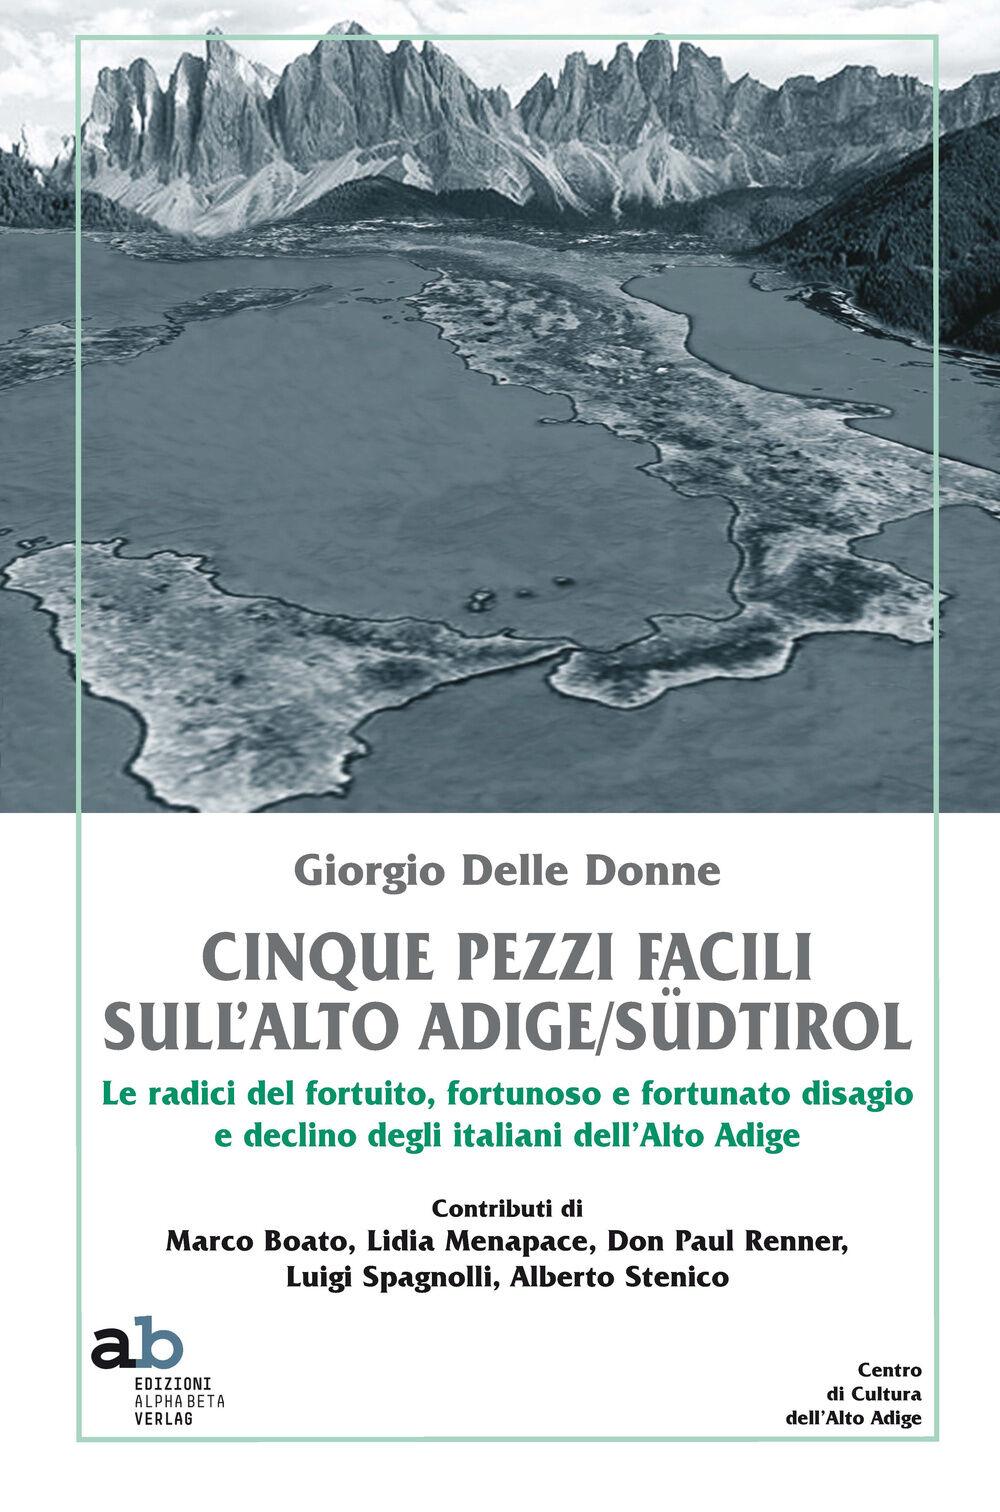 Cinque pezzi facili sull'Alto Adige/Südtirol. Le radici del fortuito, fortunoso e fortunato disagio e declino degli italiani dell'Alto Adige